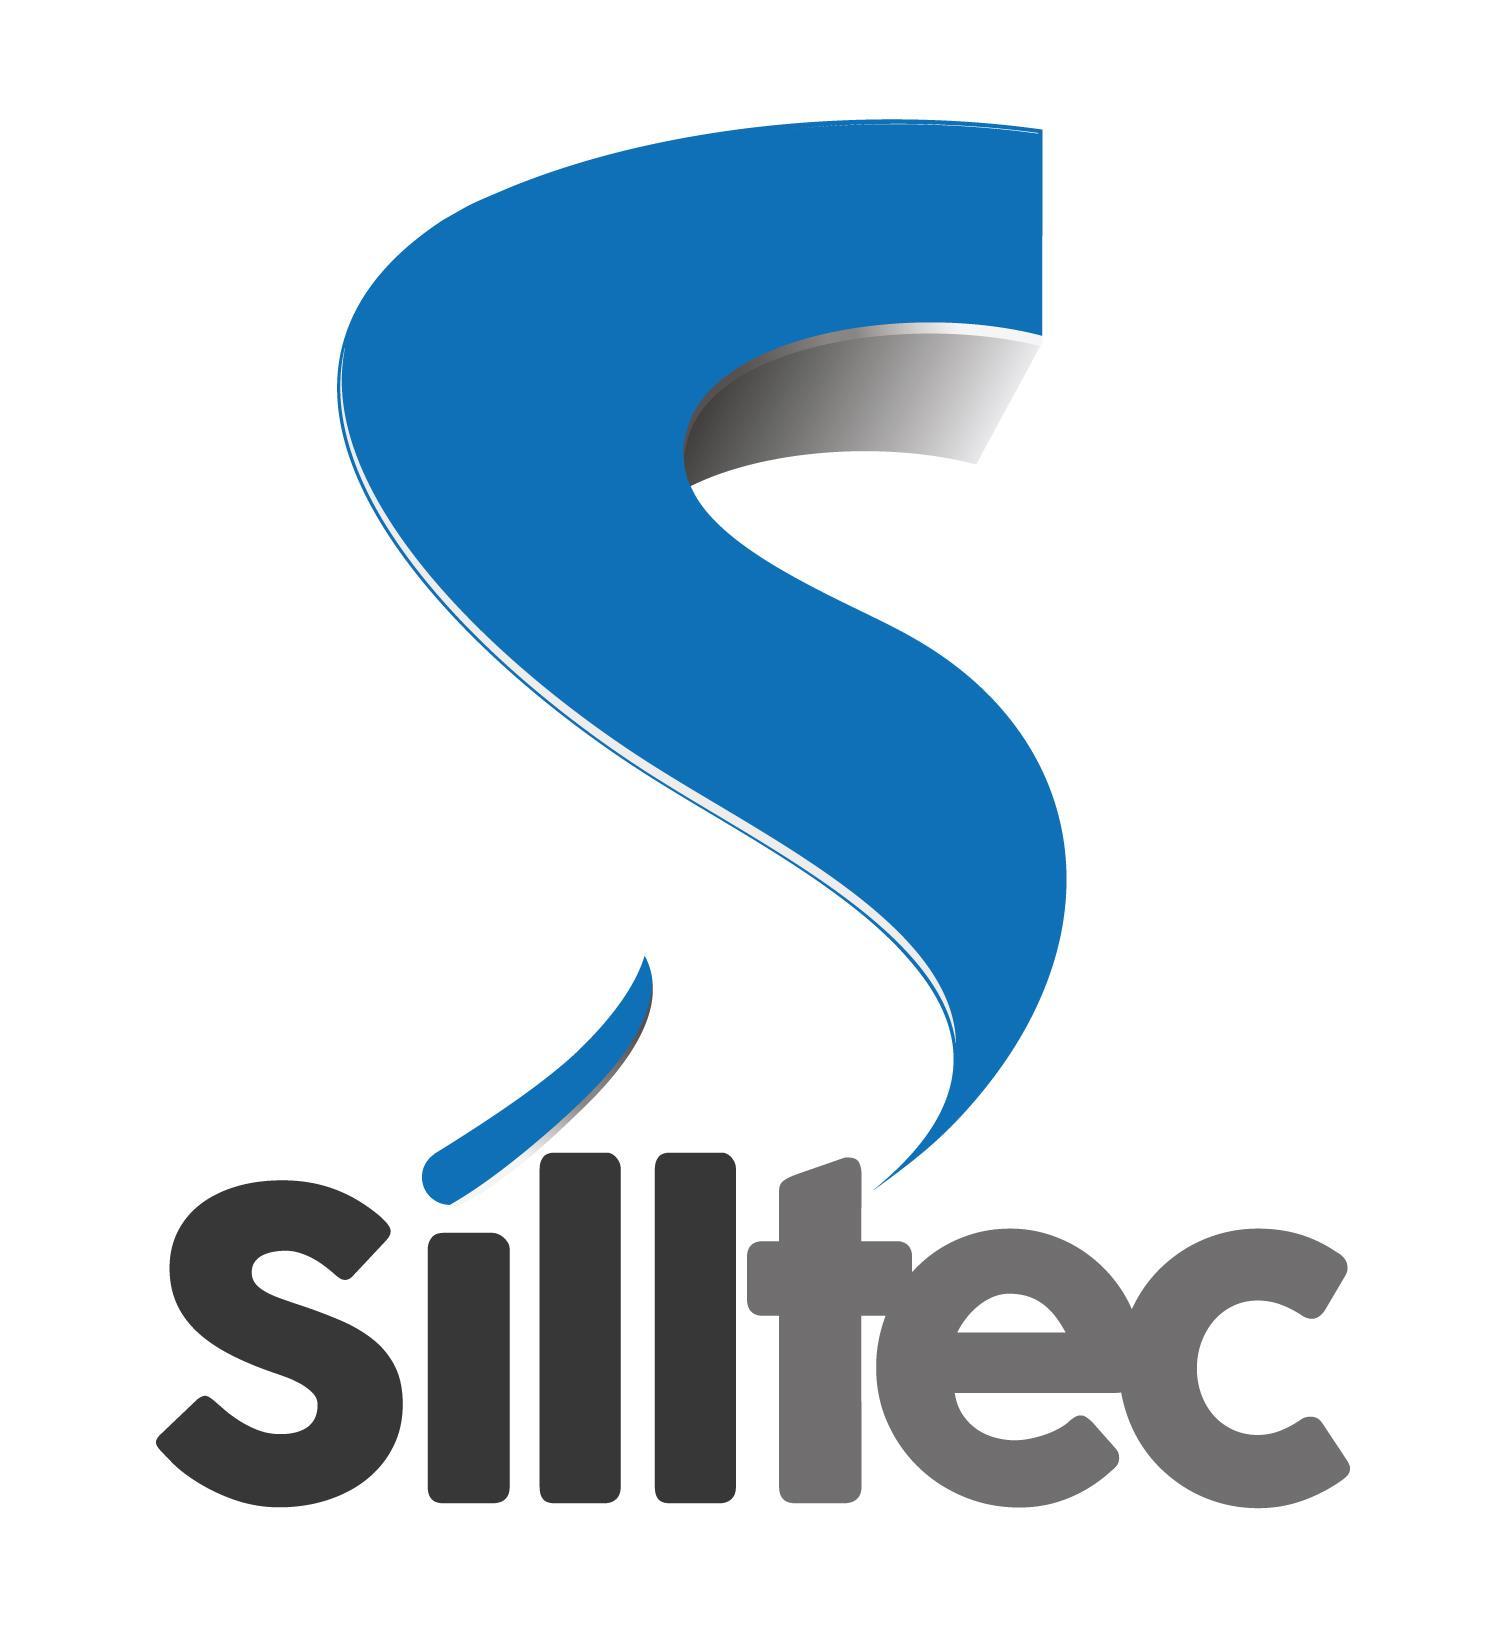 SILLTEC